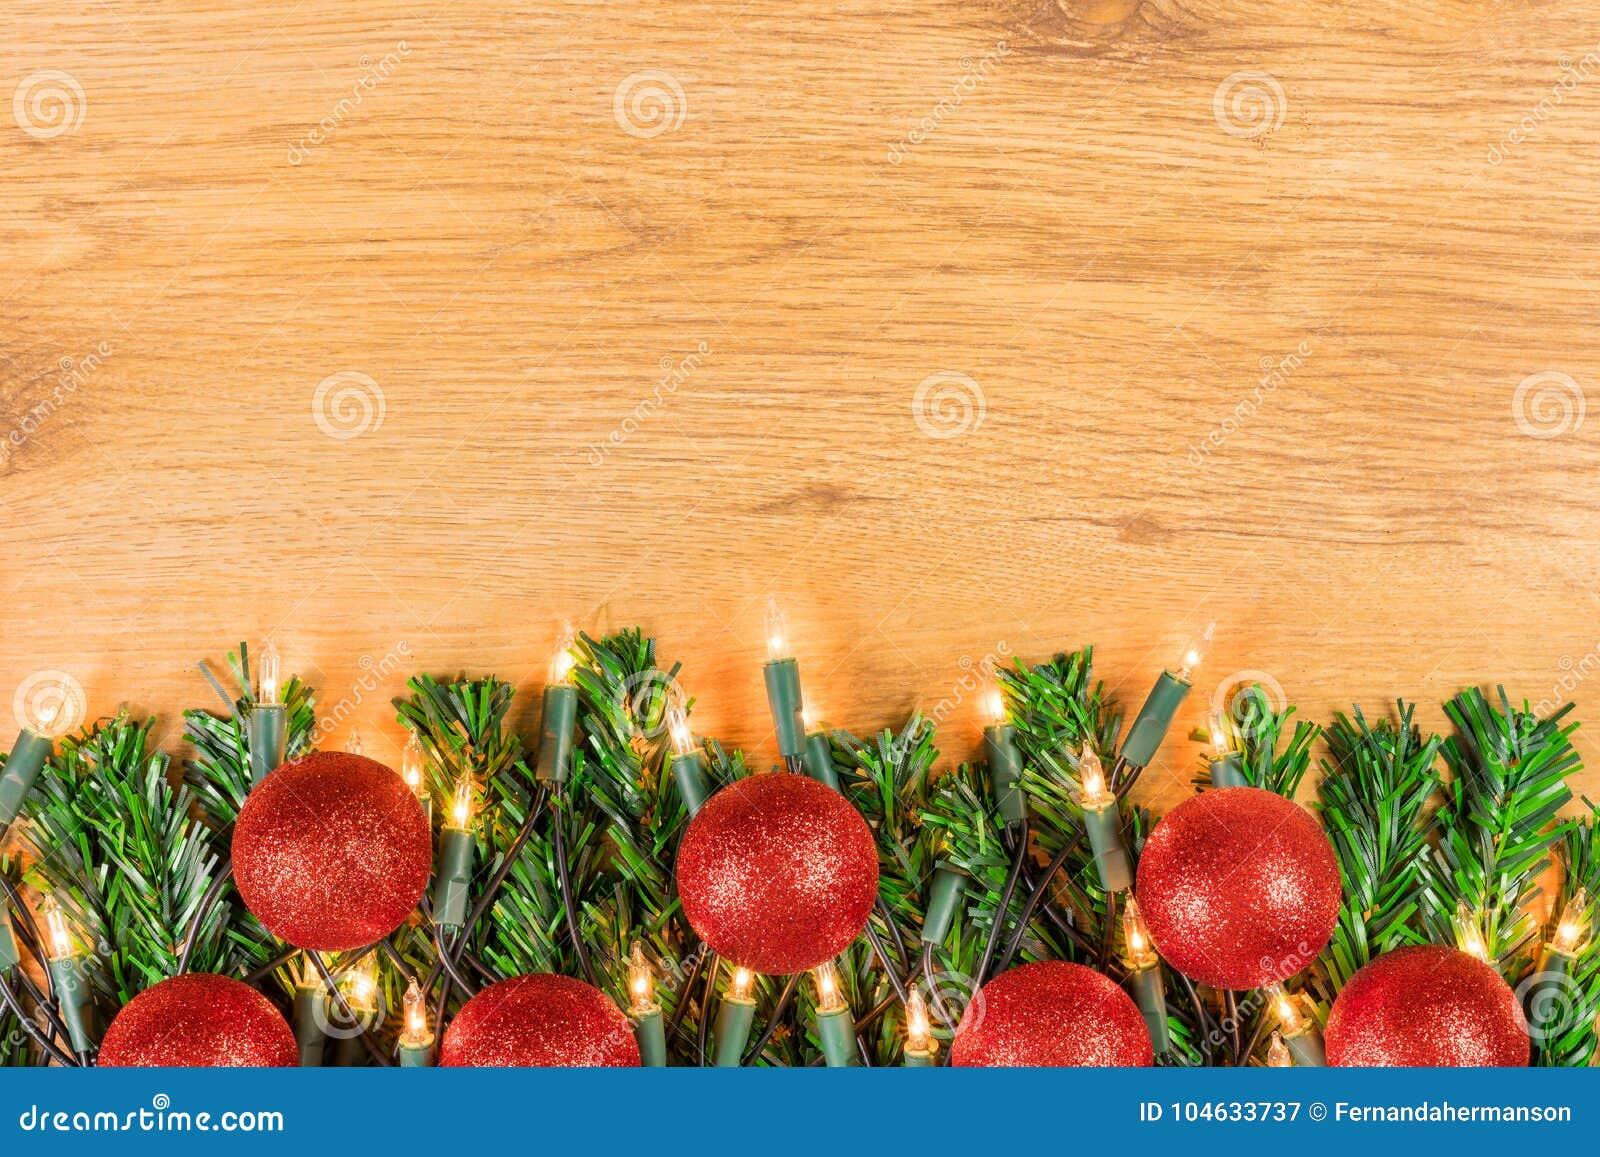 Download De Decoratie Van Kerstmis Op Houten Achtergrond Stock Afbeelding - Afbeelding bestaande uit baubles, licht: 104633737